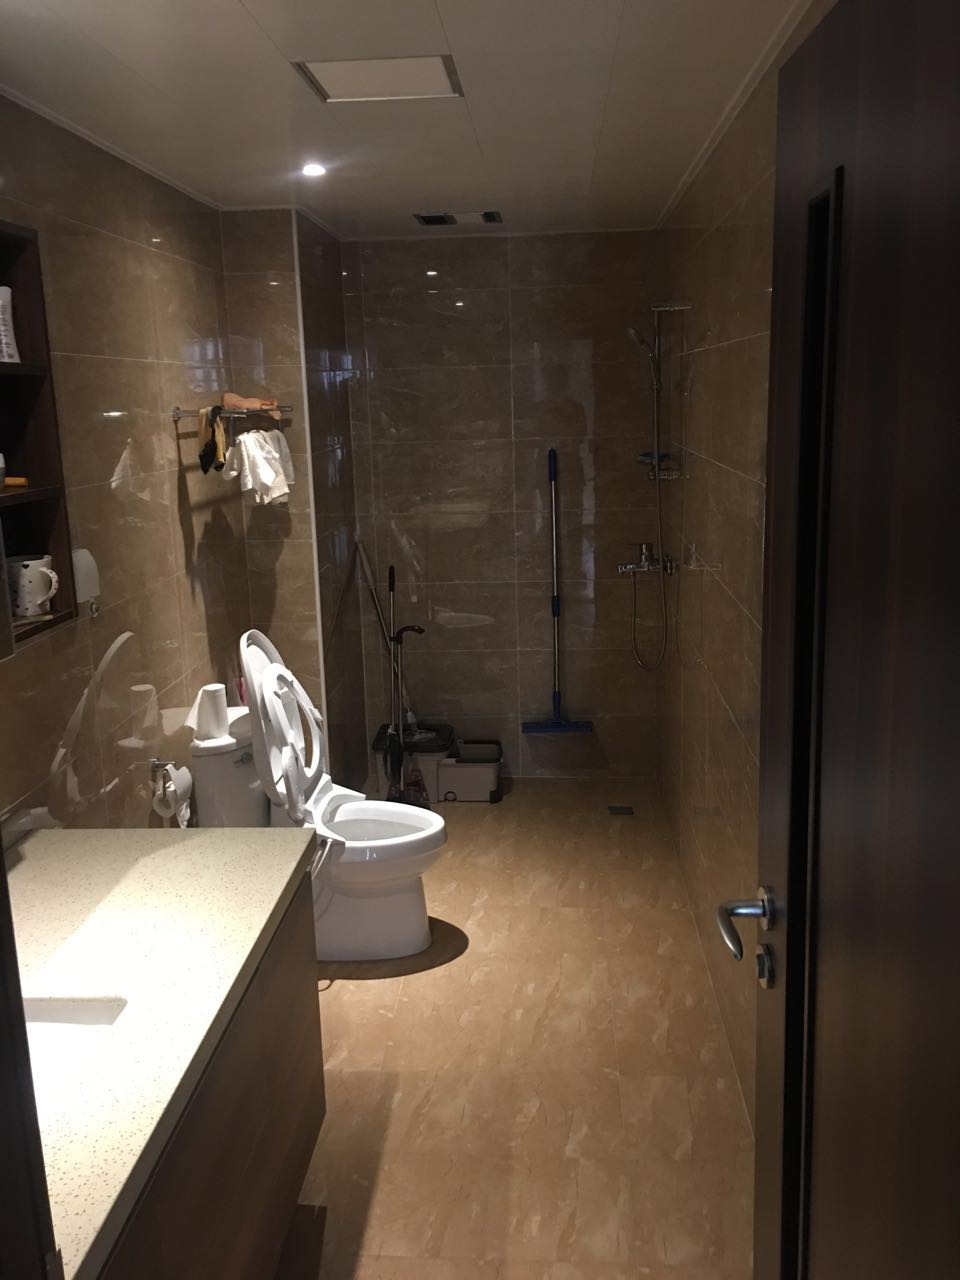 卫生间整体选用了同一色系的墙地砖铺设,视觉上统一,极大的延伸了整个空间,使得卫生间区域通透,宽敞。